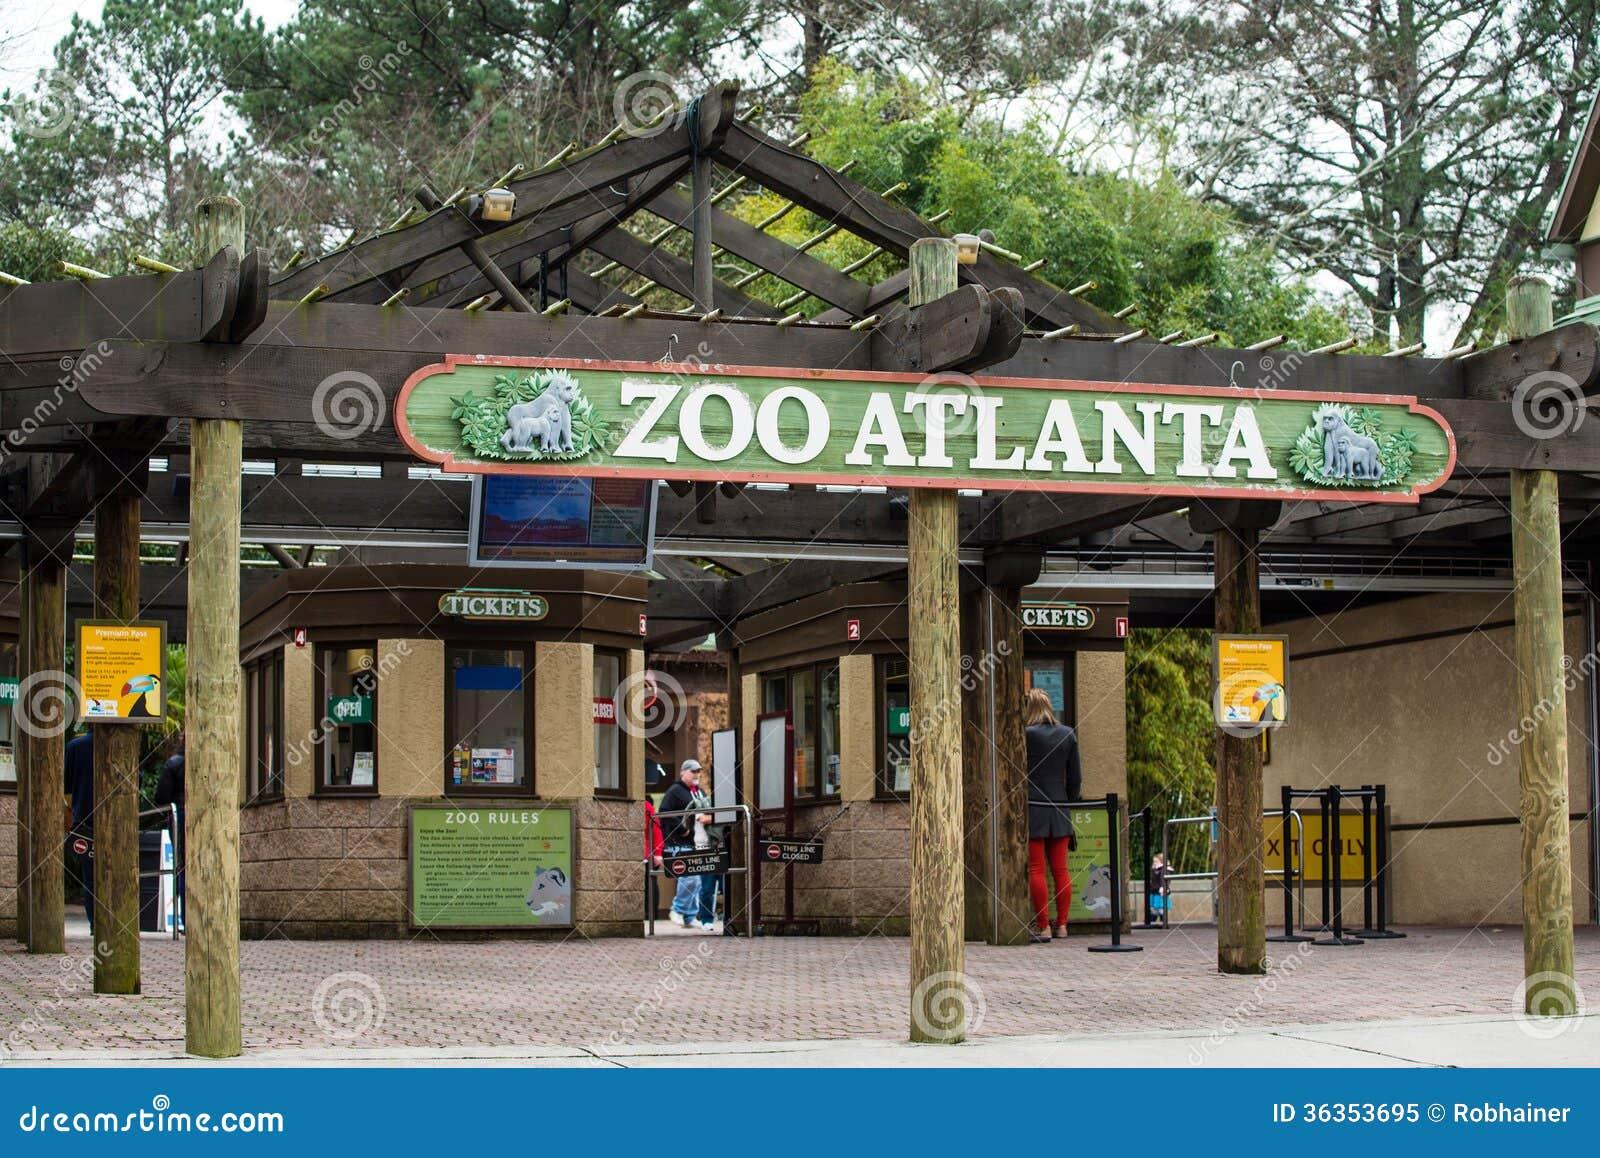 Entrada al parque zool gico atlanta imagen editorial for Parque japones precio de entrada